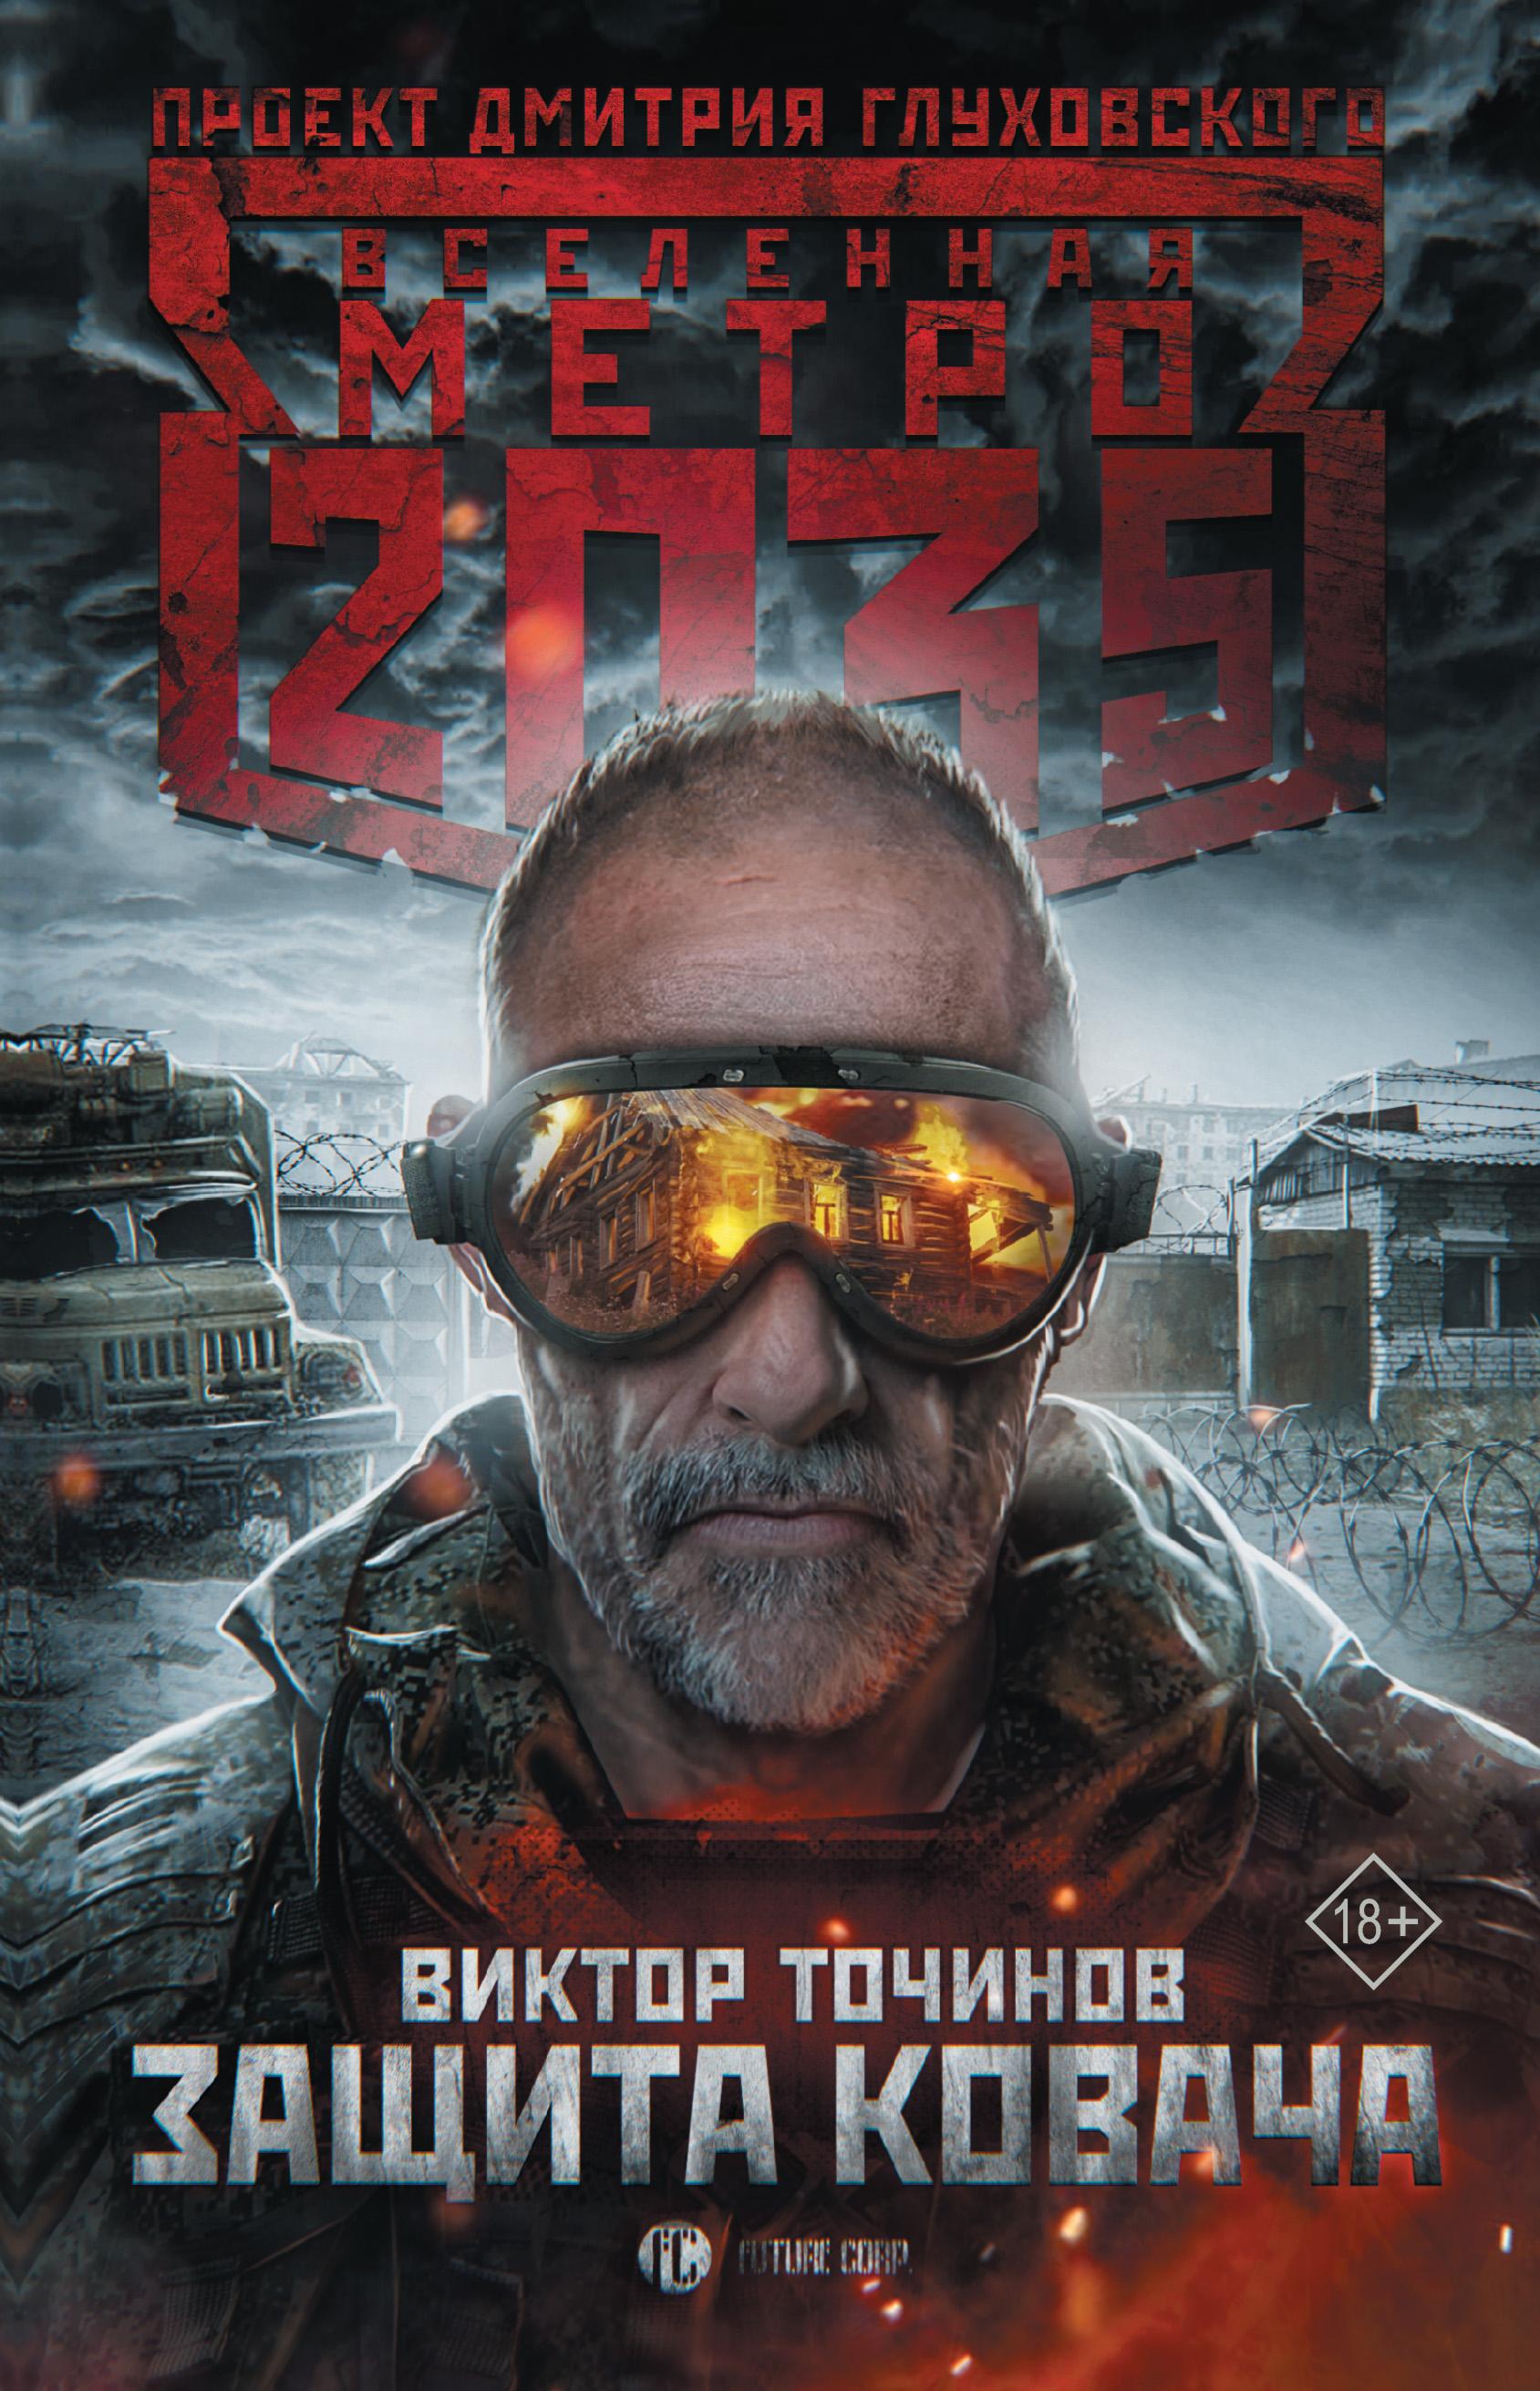 Купить книгу Метро 2035: Защита Ковача, автора Виктора Точинова